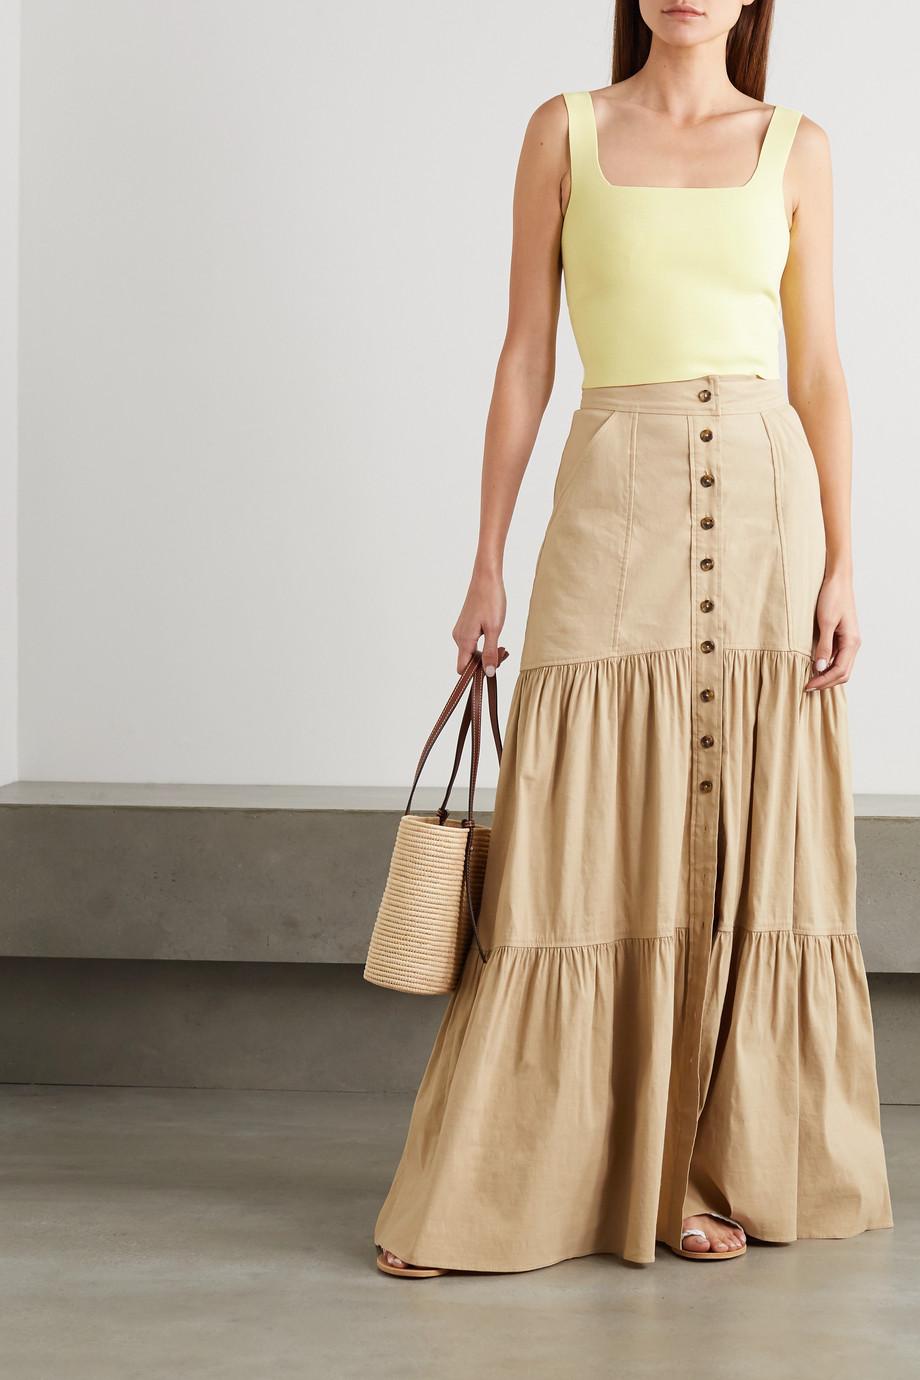 A.L.C. A.L.C. x Petra Flannery Victoria stretch-knit top